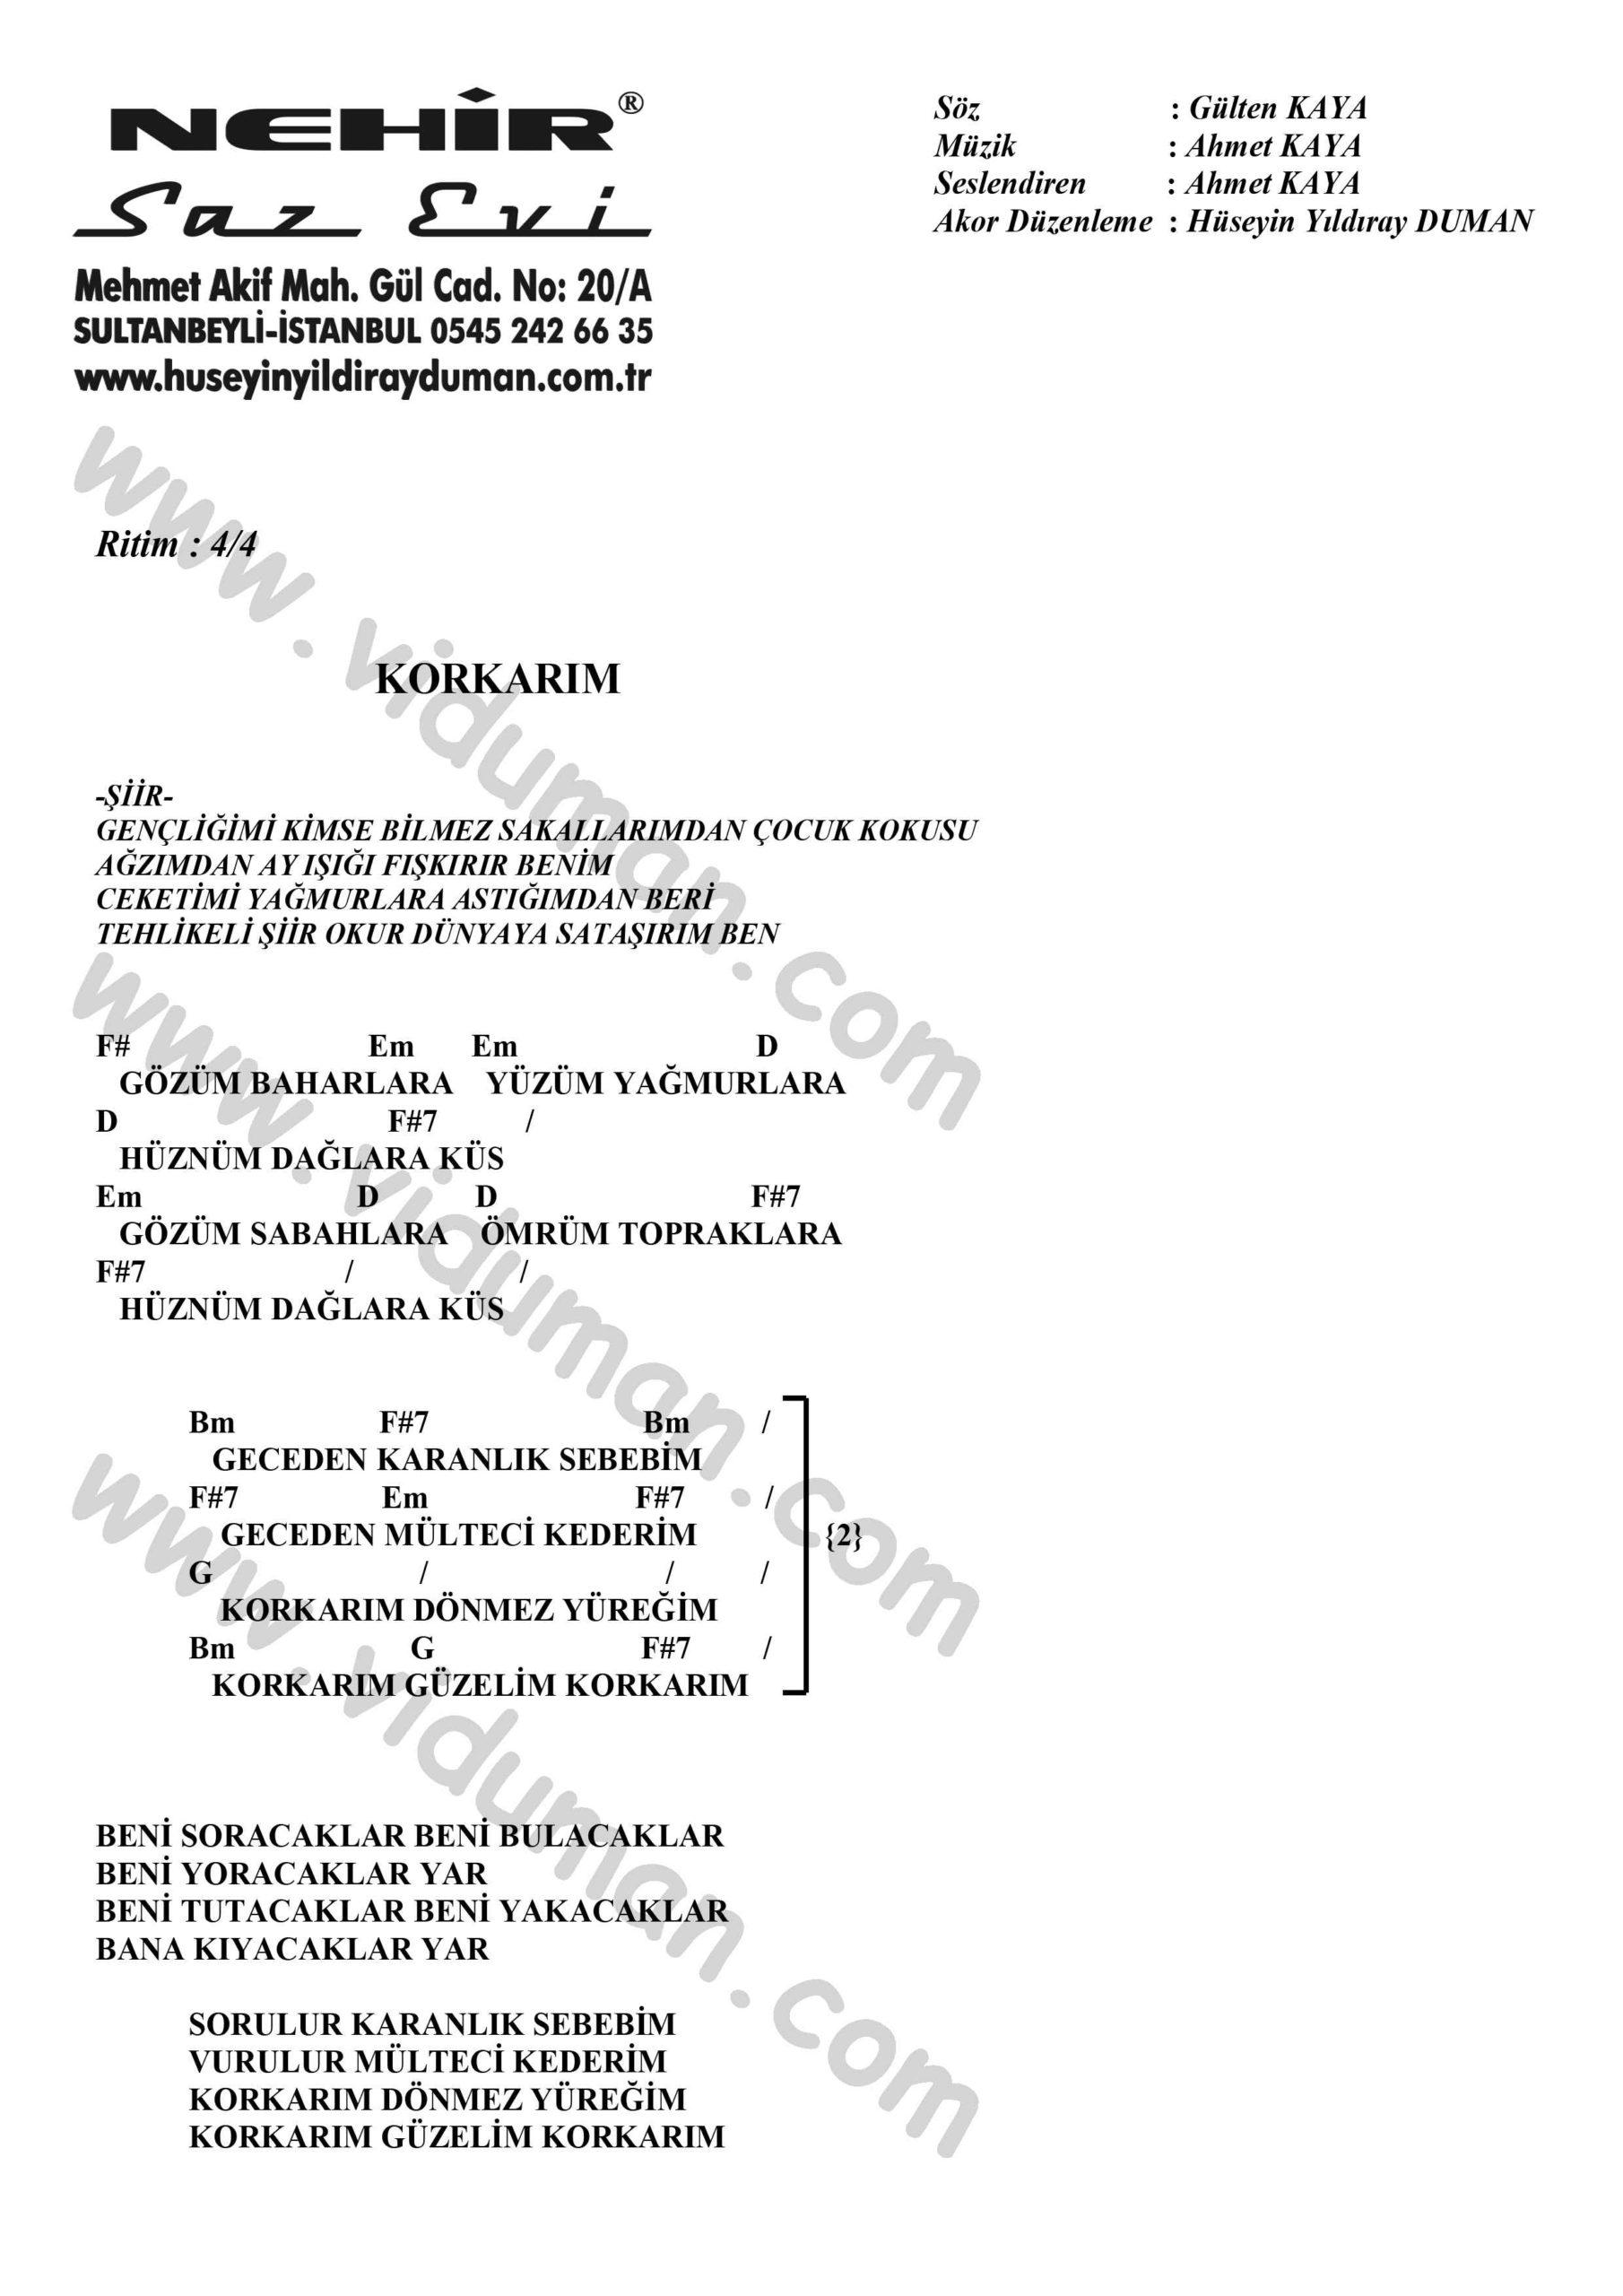 Korkarim-Ahmet Kaya-Ritim-Gitar-Akorlari